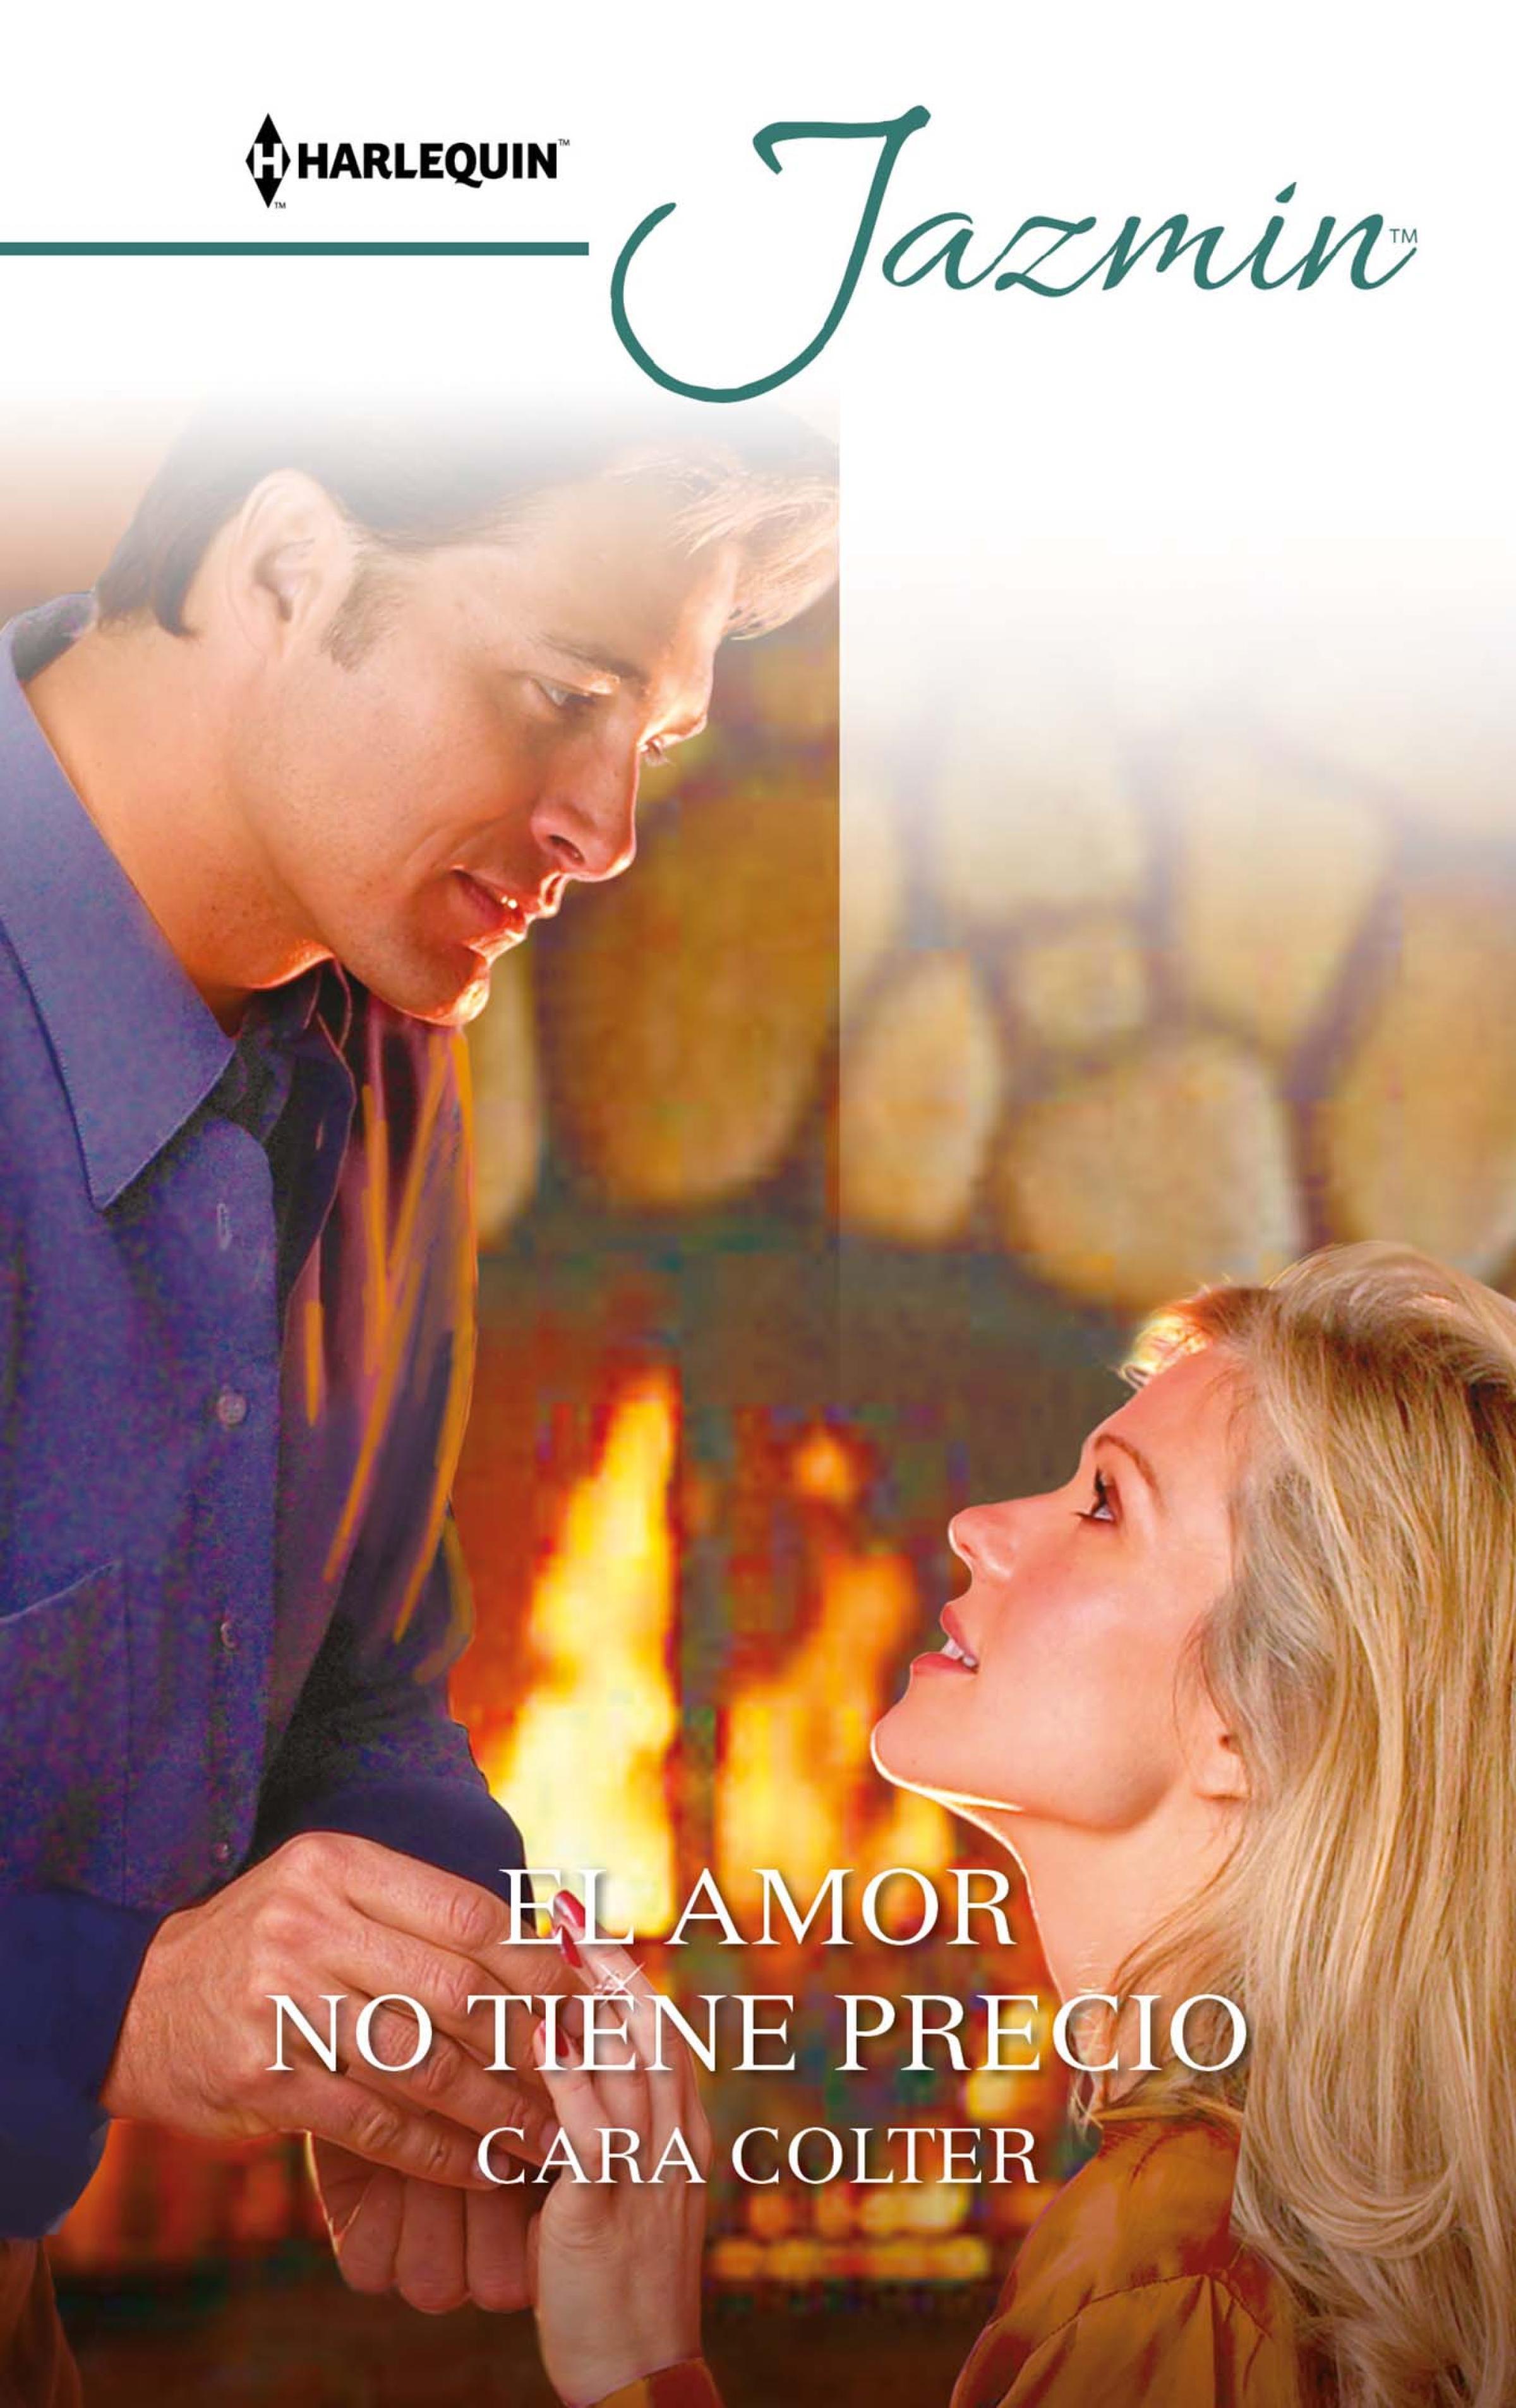 Cara Colter El amor no tiene precio cara colter weddings do come true